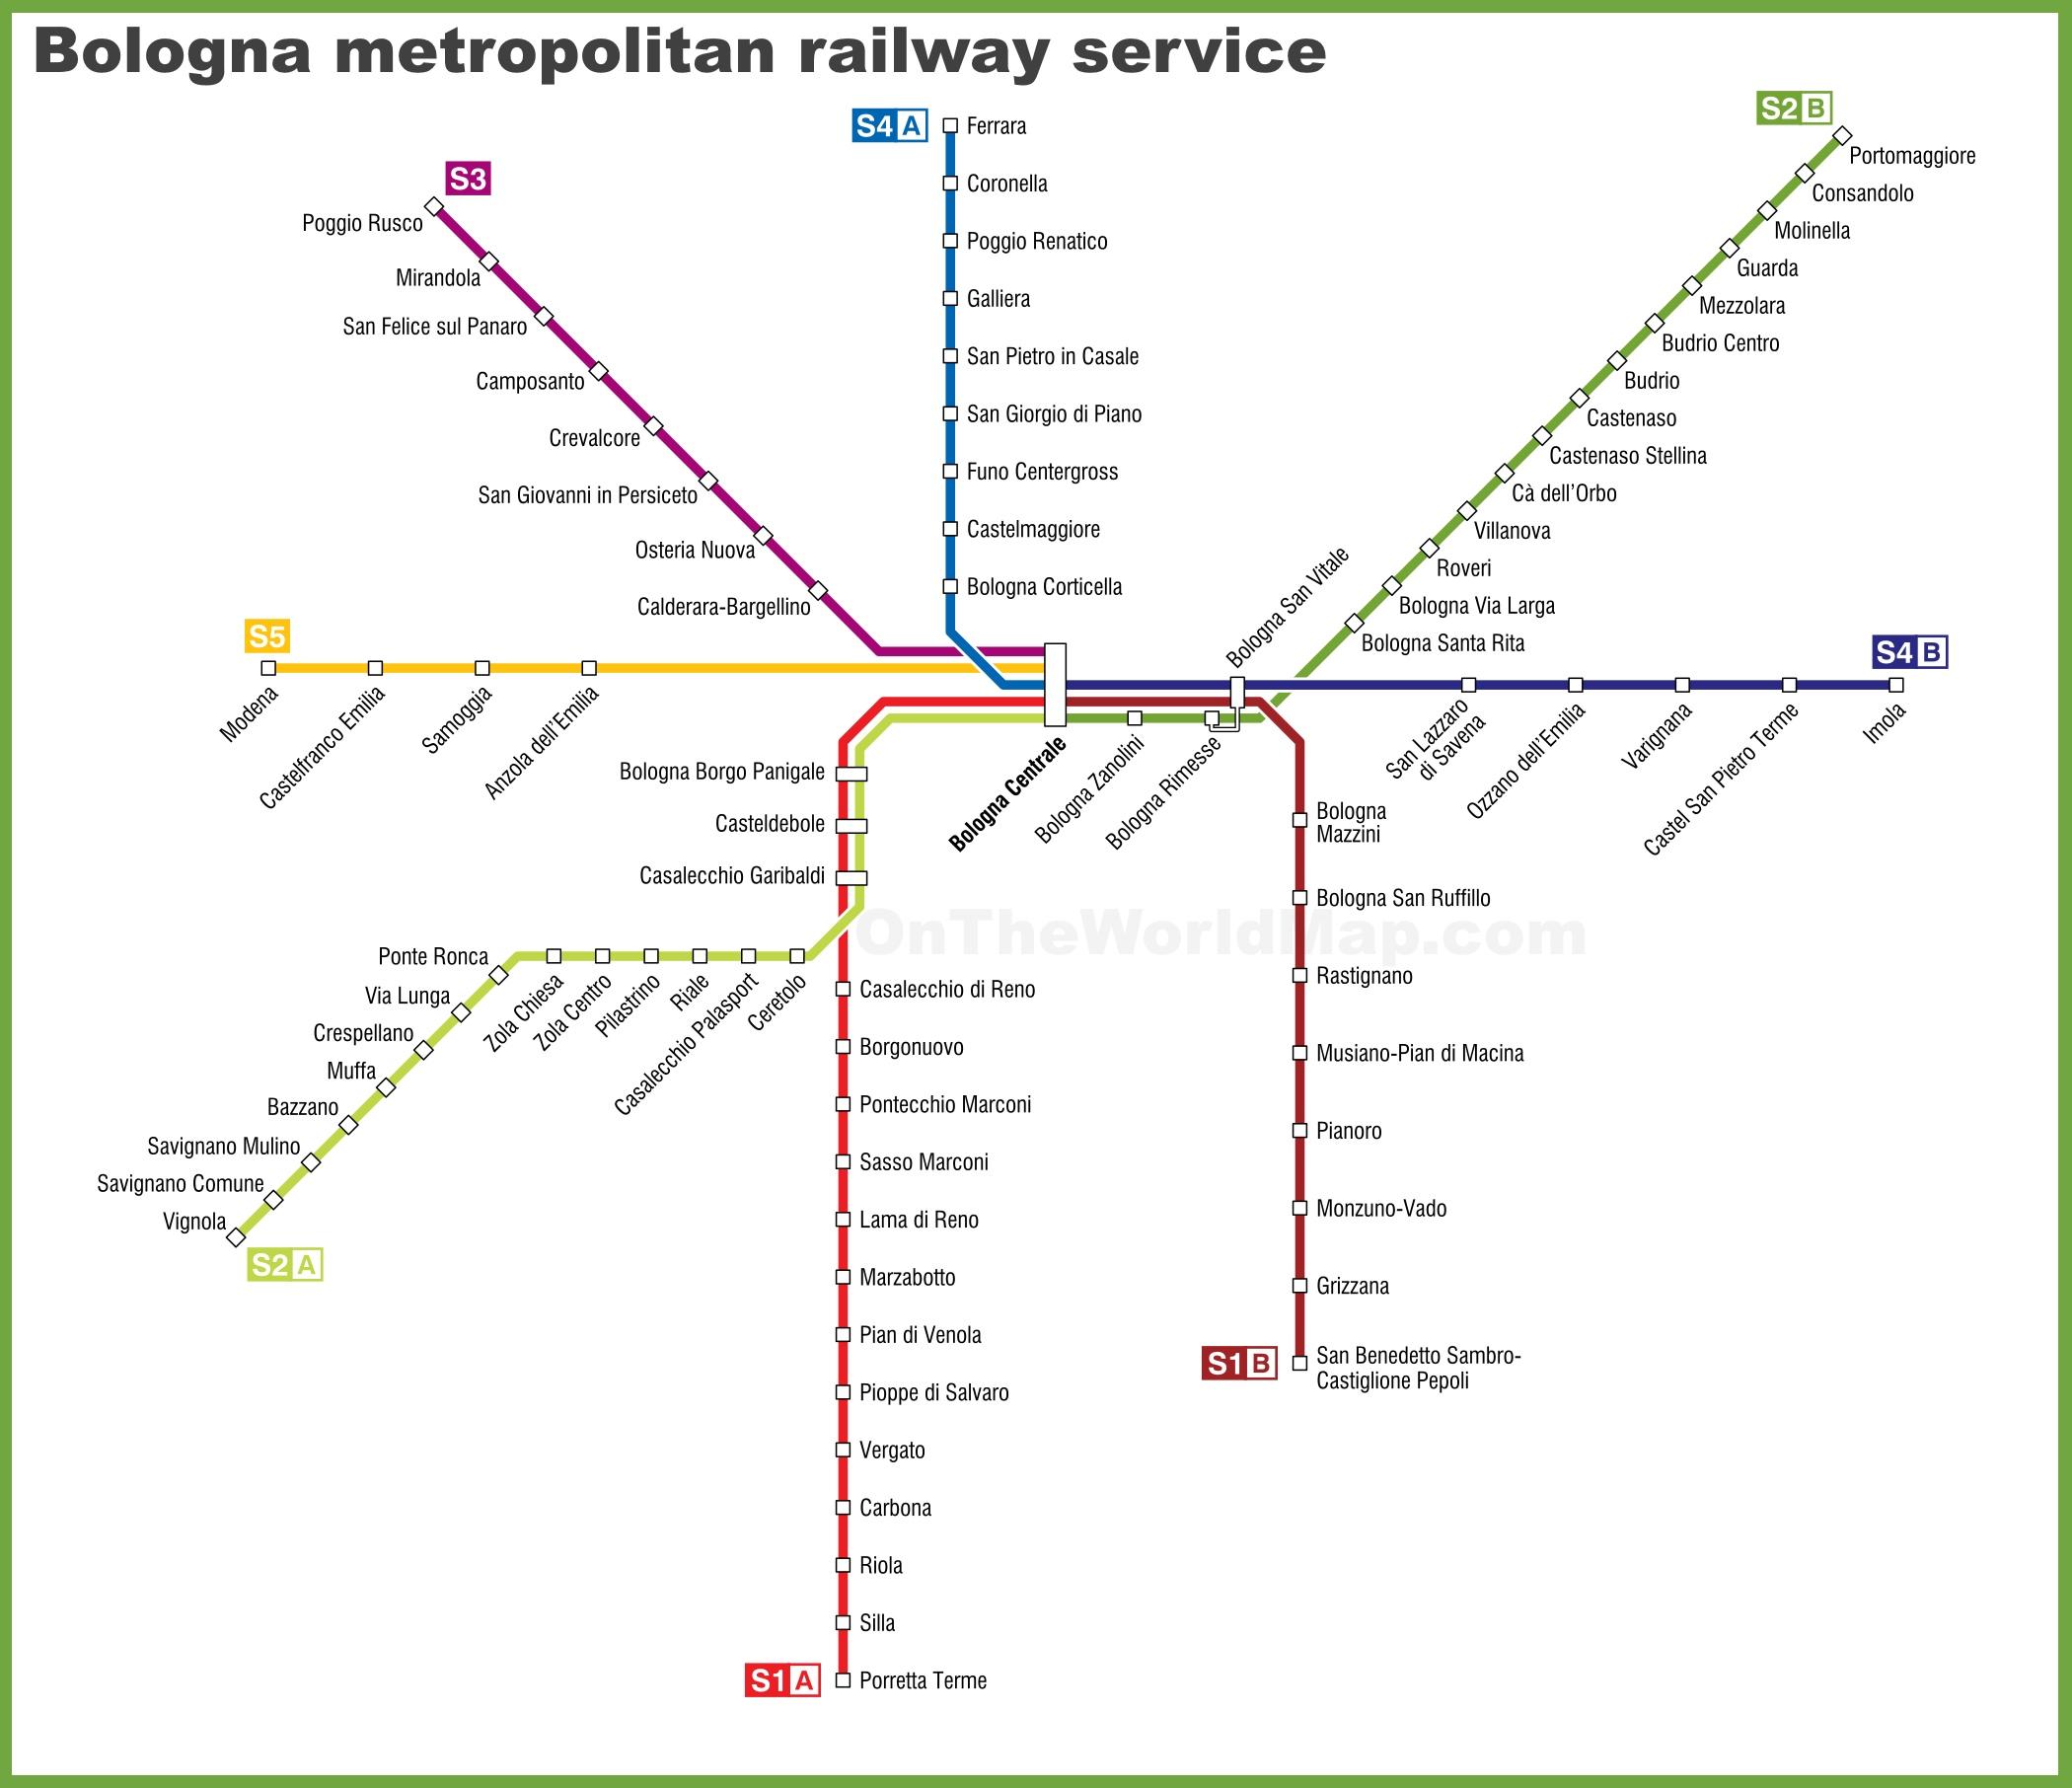 Bologna metropolitan railway service map